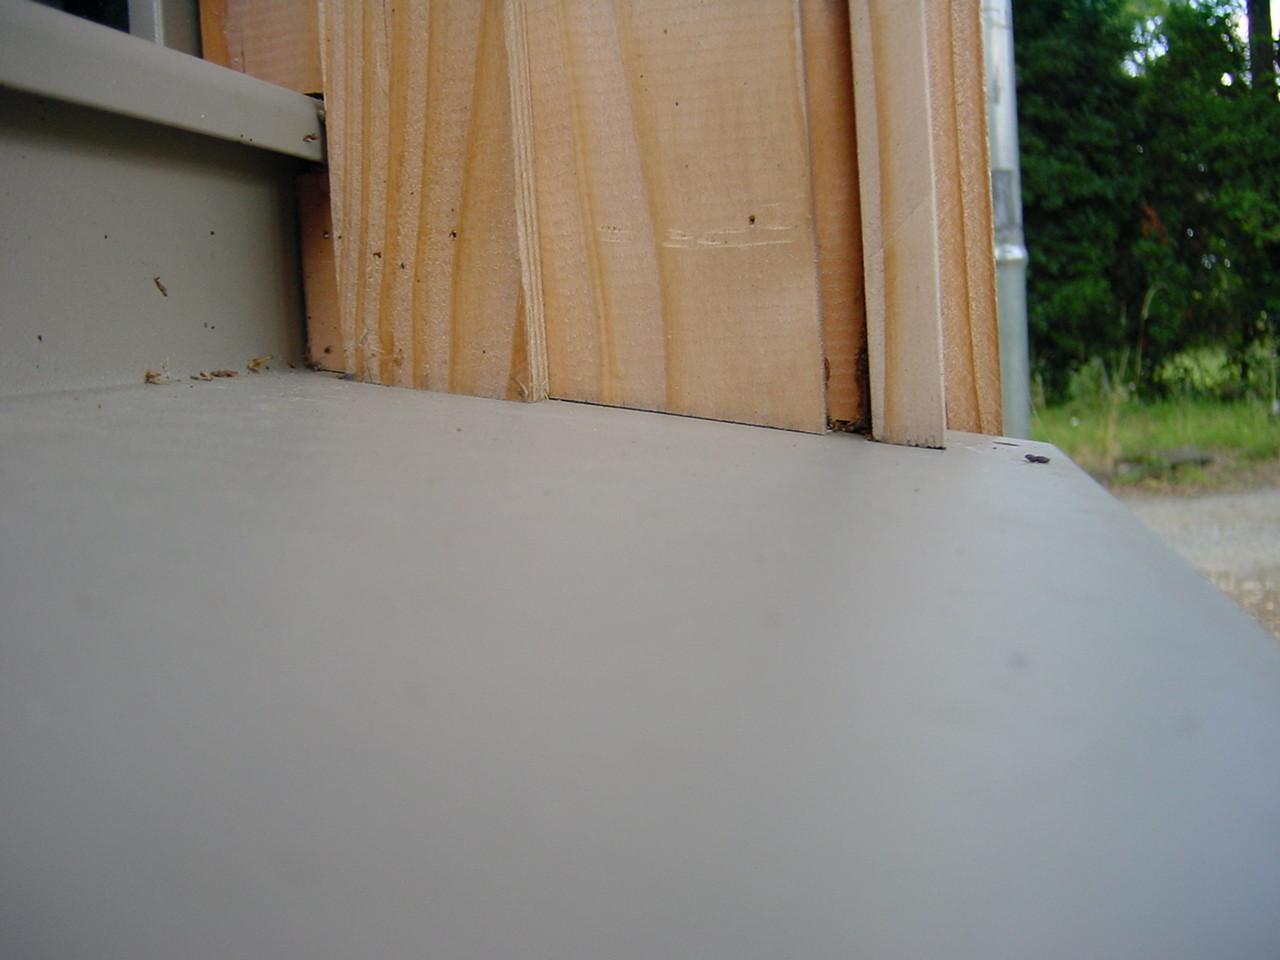 Angle en appui sur bavette : rétention d'eau par capillarité (3)